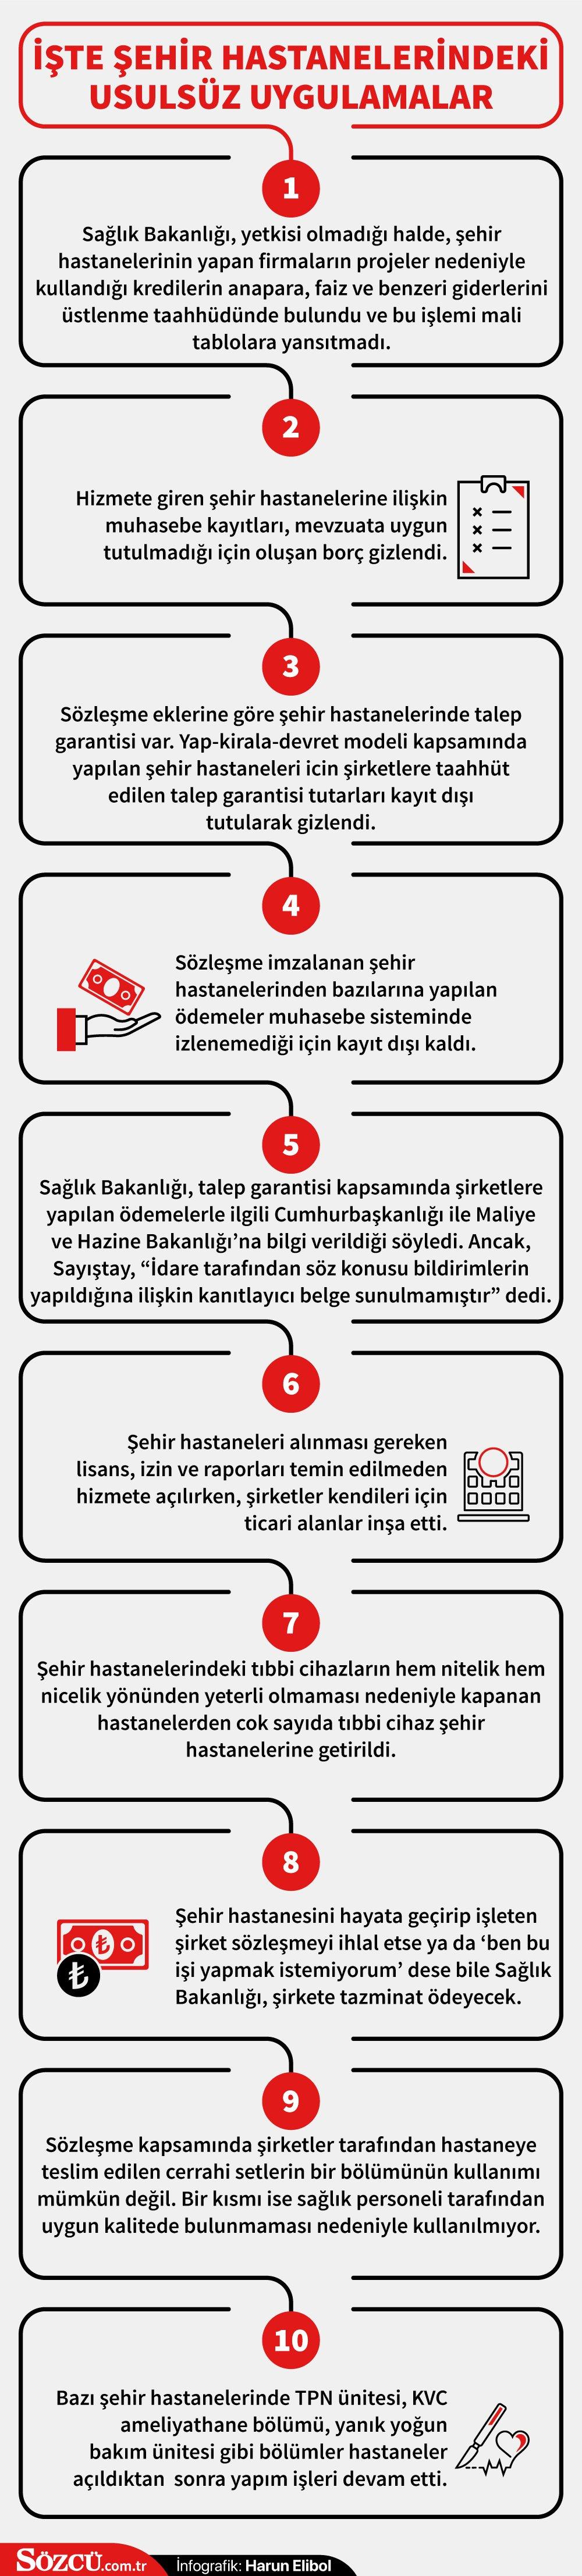 hastanegrafik3